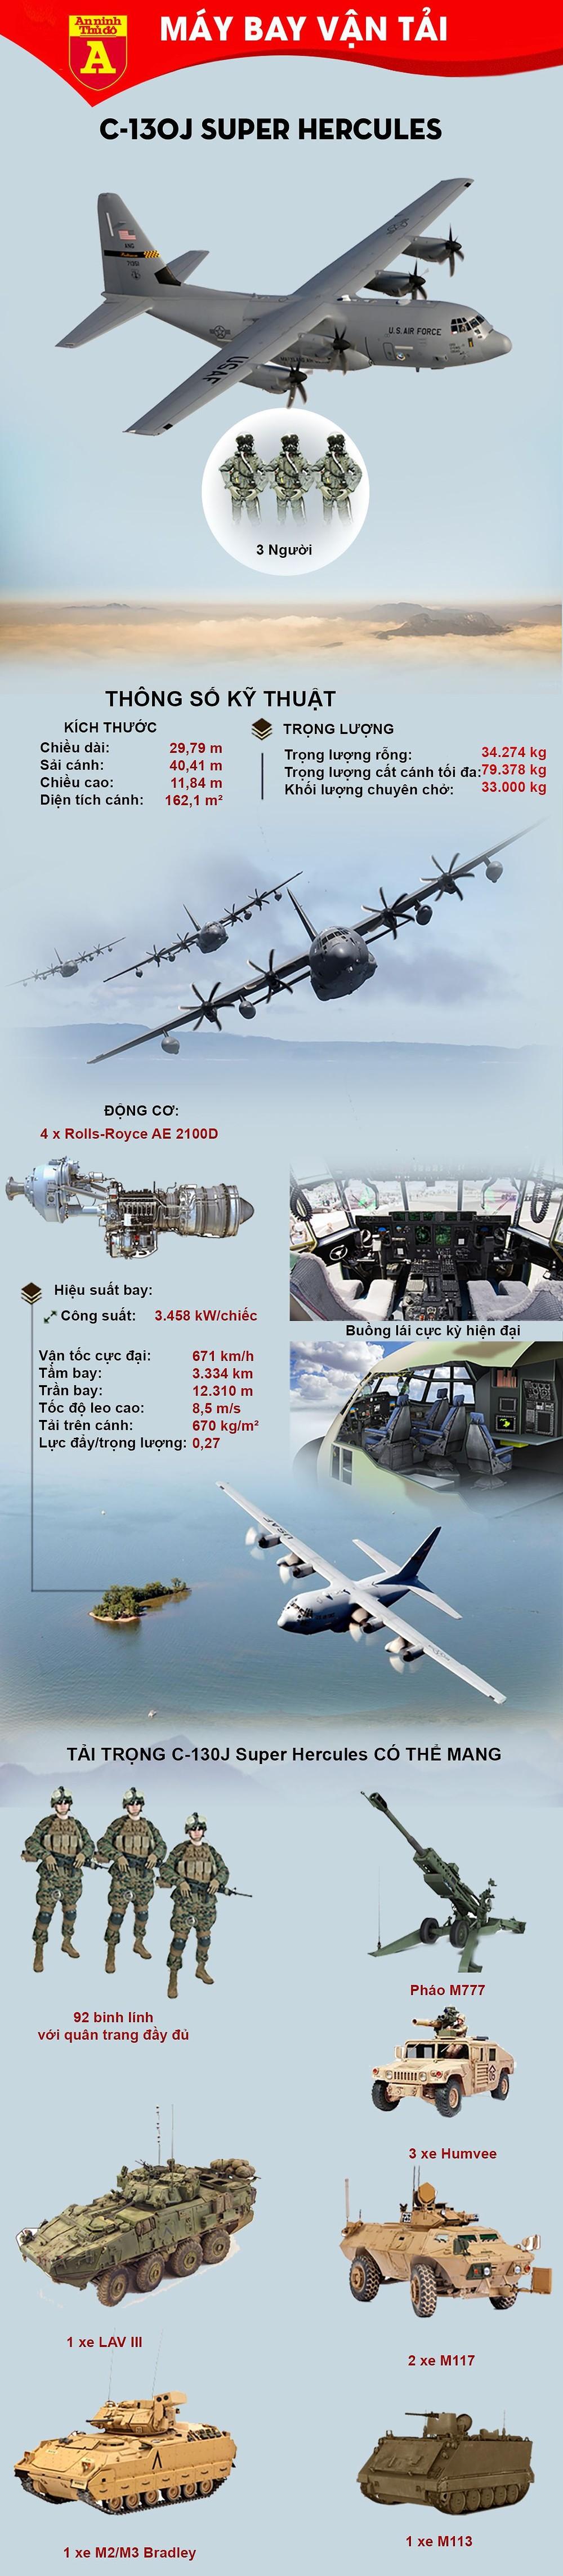 """[ĐỒ HỌA] """"Lực sĩ"""" C-130J của Mỹ bắt đầu tham chiến tại Syria, chiến trường Trung Đông leo thang ảnh 2"""